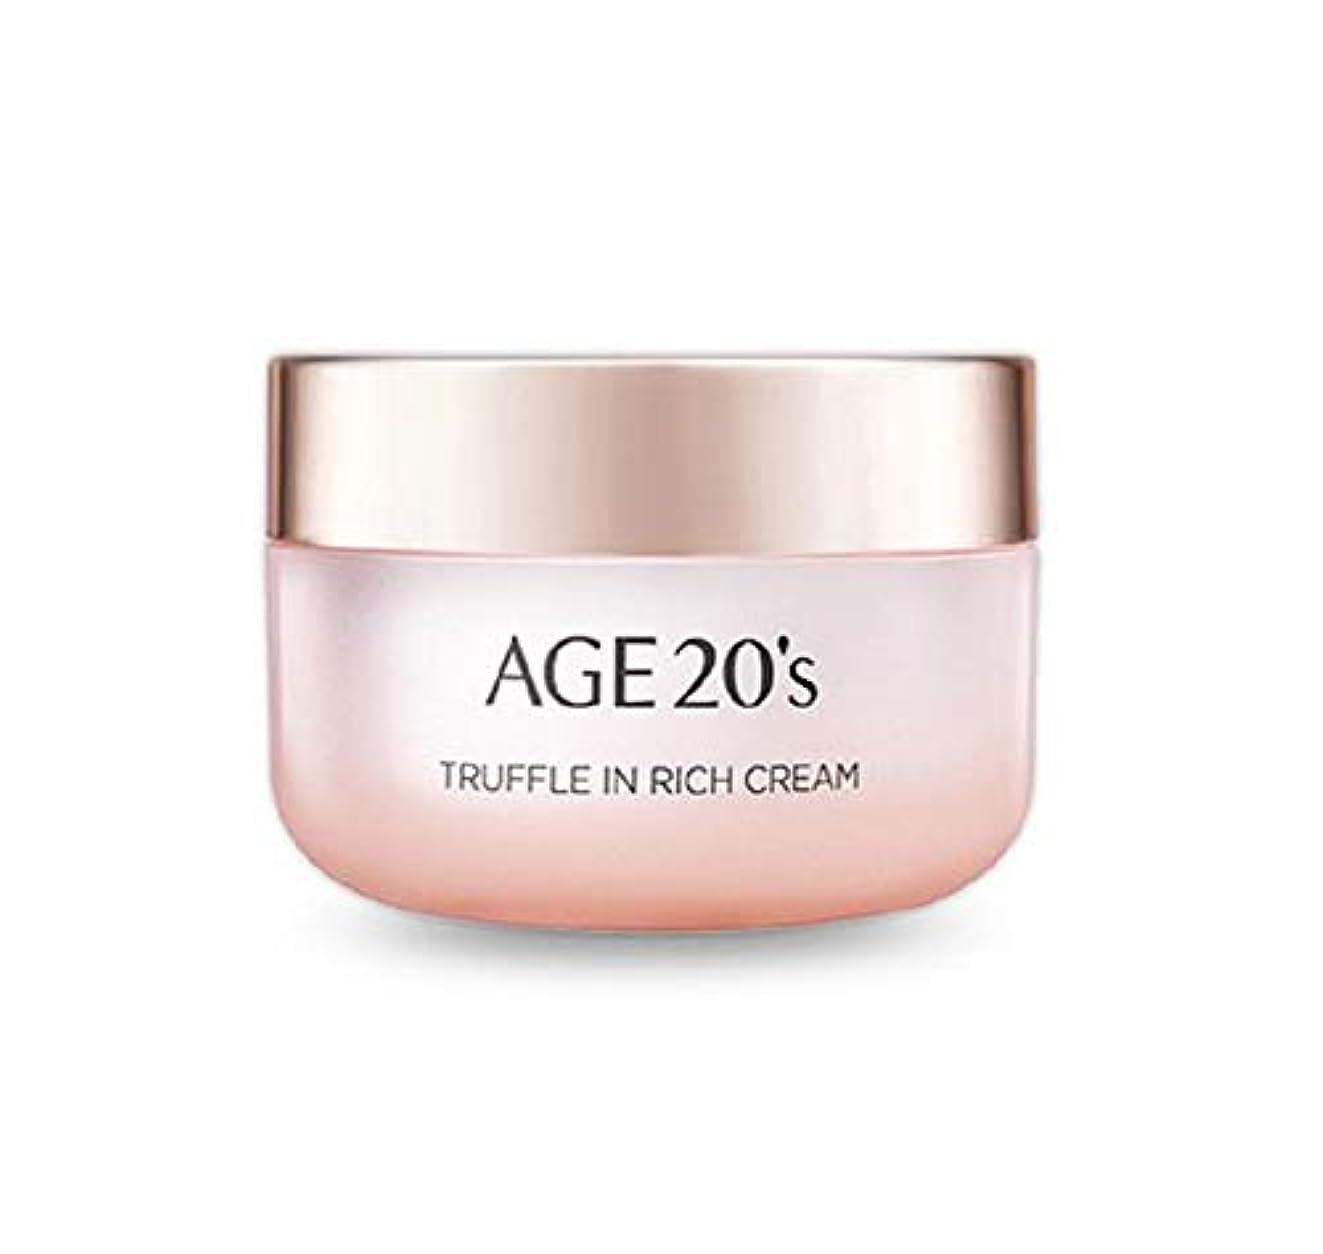 着実に大惨事アルミニウムエイジトゥエンティスAge20's 韓国コスメ トリュフリッチ クリーム 50g 海外直送品 Truffle in rich Cream [並行輸入品]